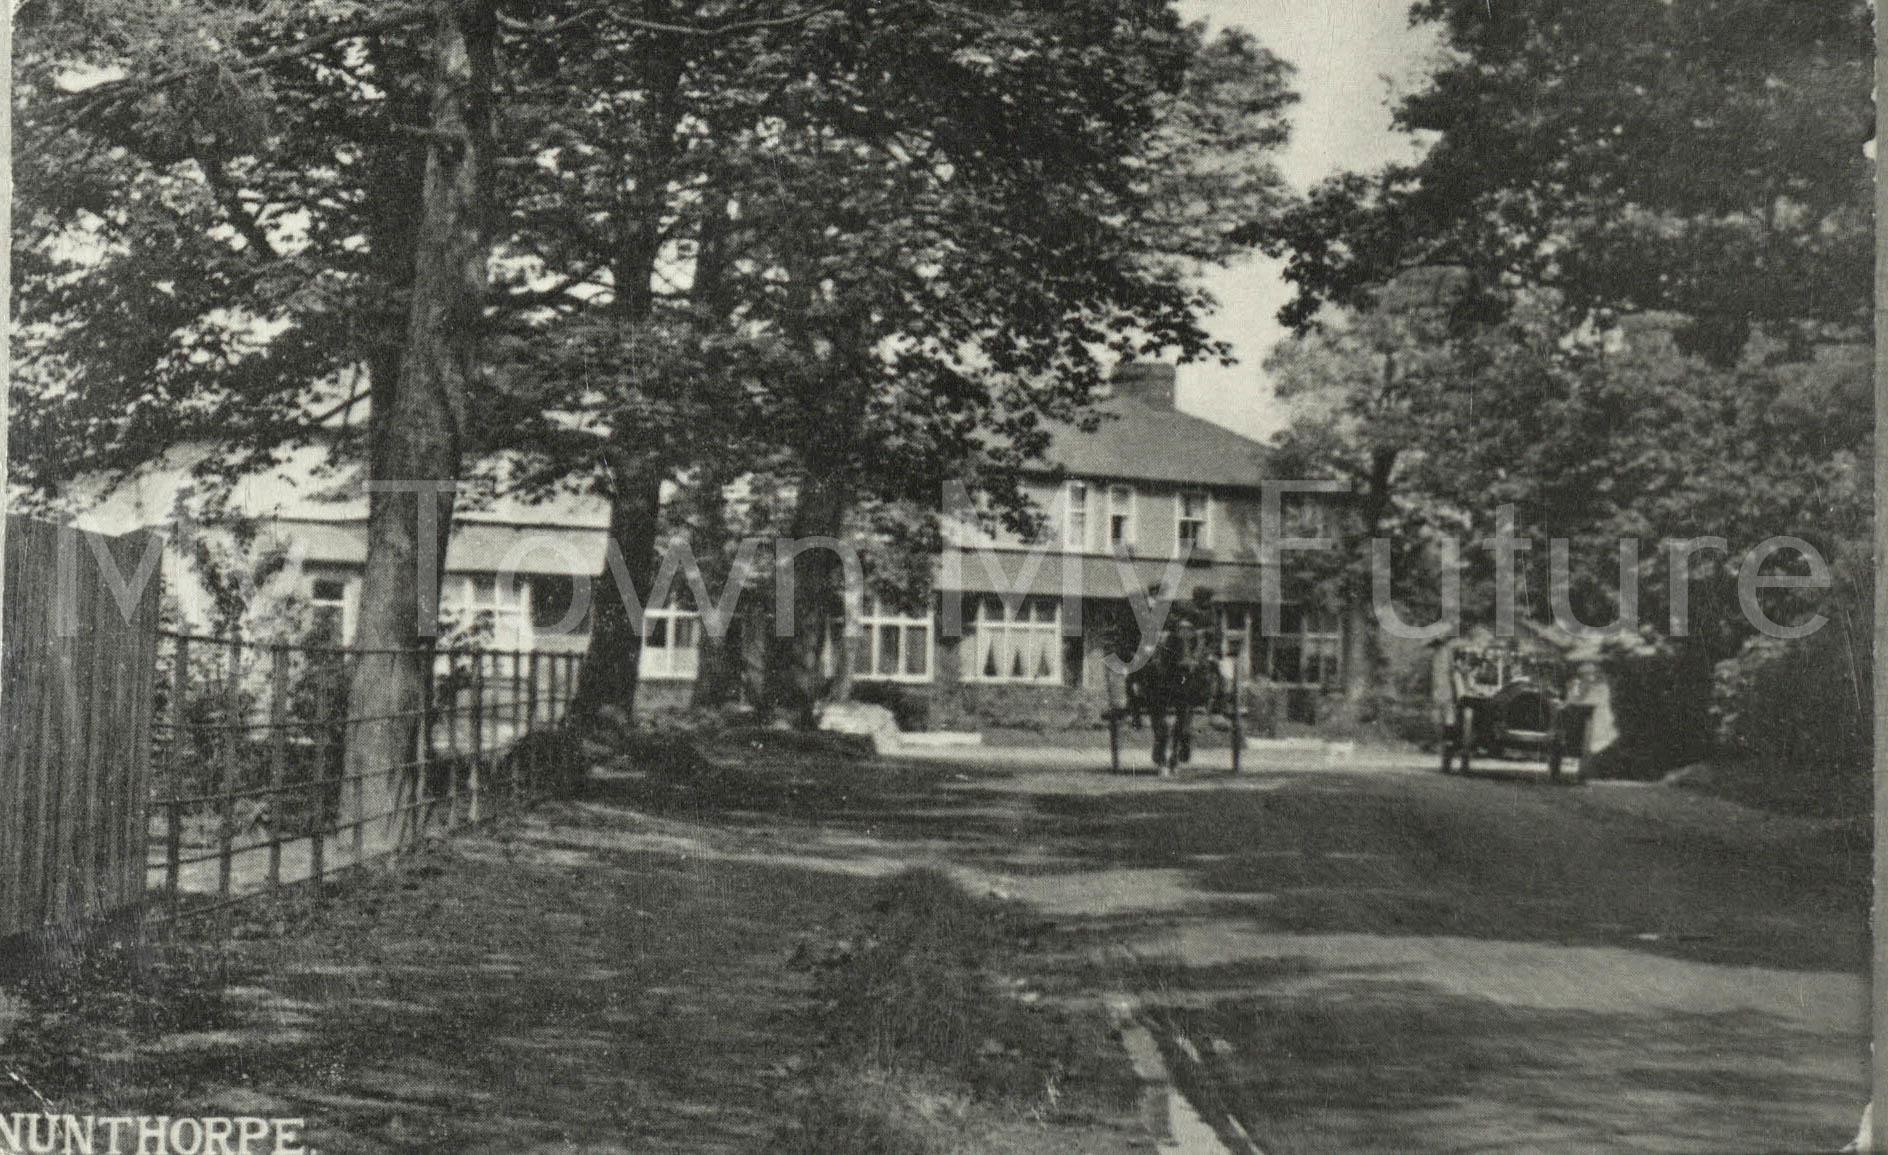 Nunthorpe